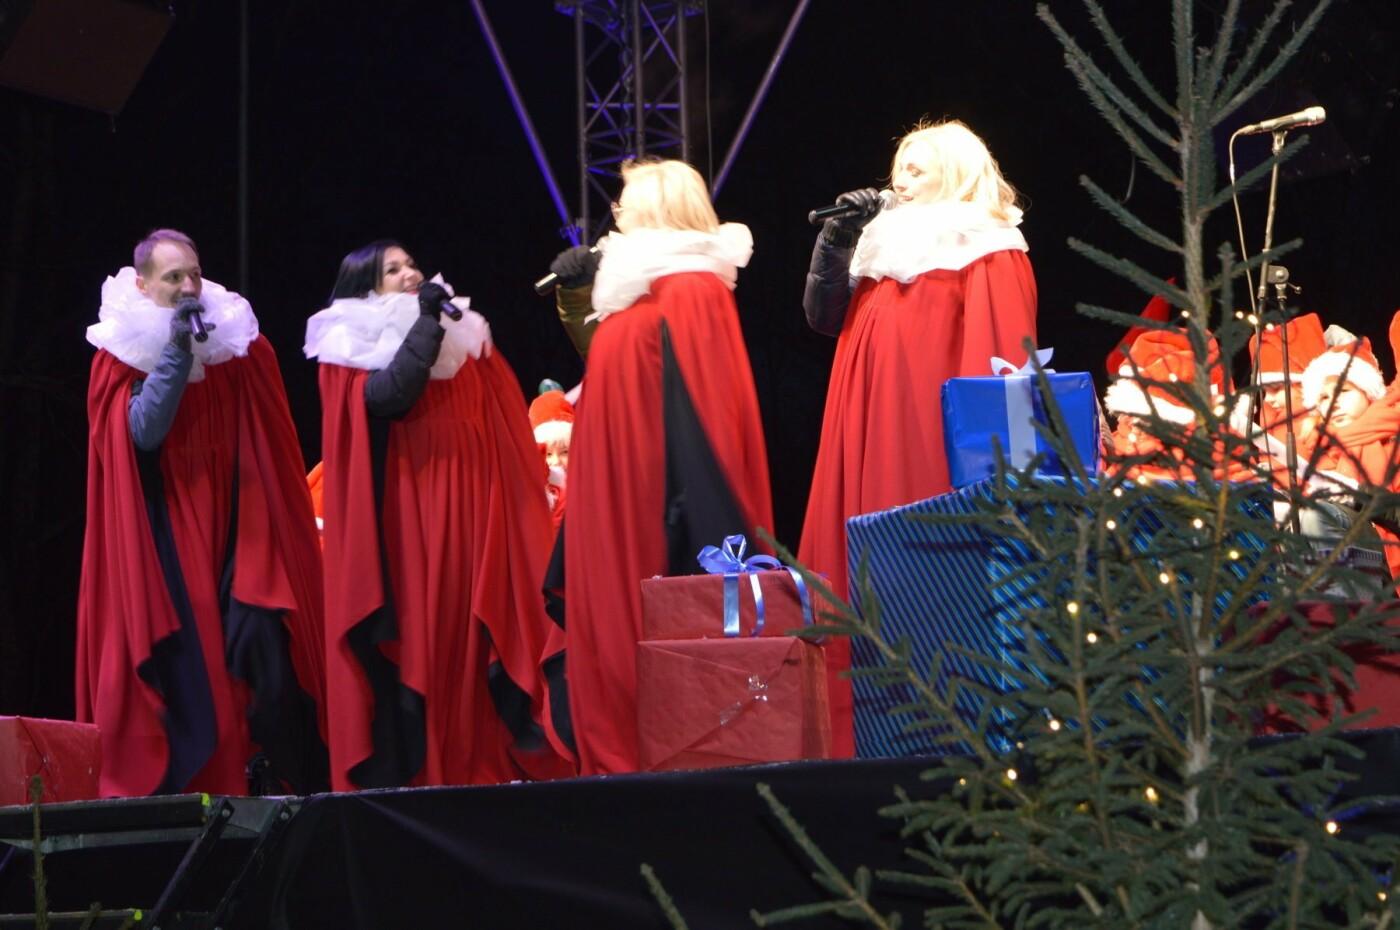 Palanga įžiebė eglę ir suspindo tūkstančiais kalėdinių šviesų, nuotrauka-59